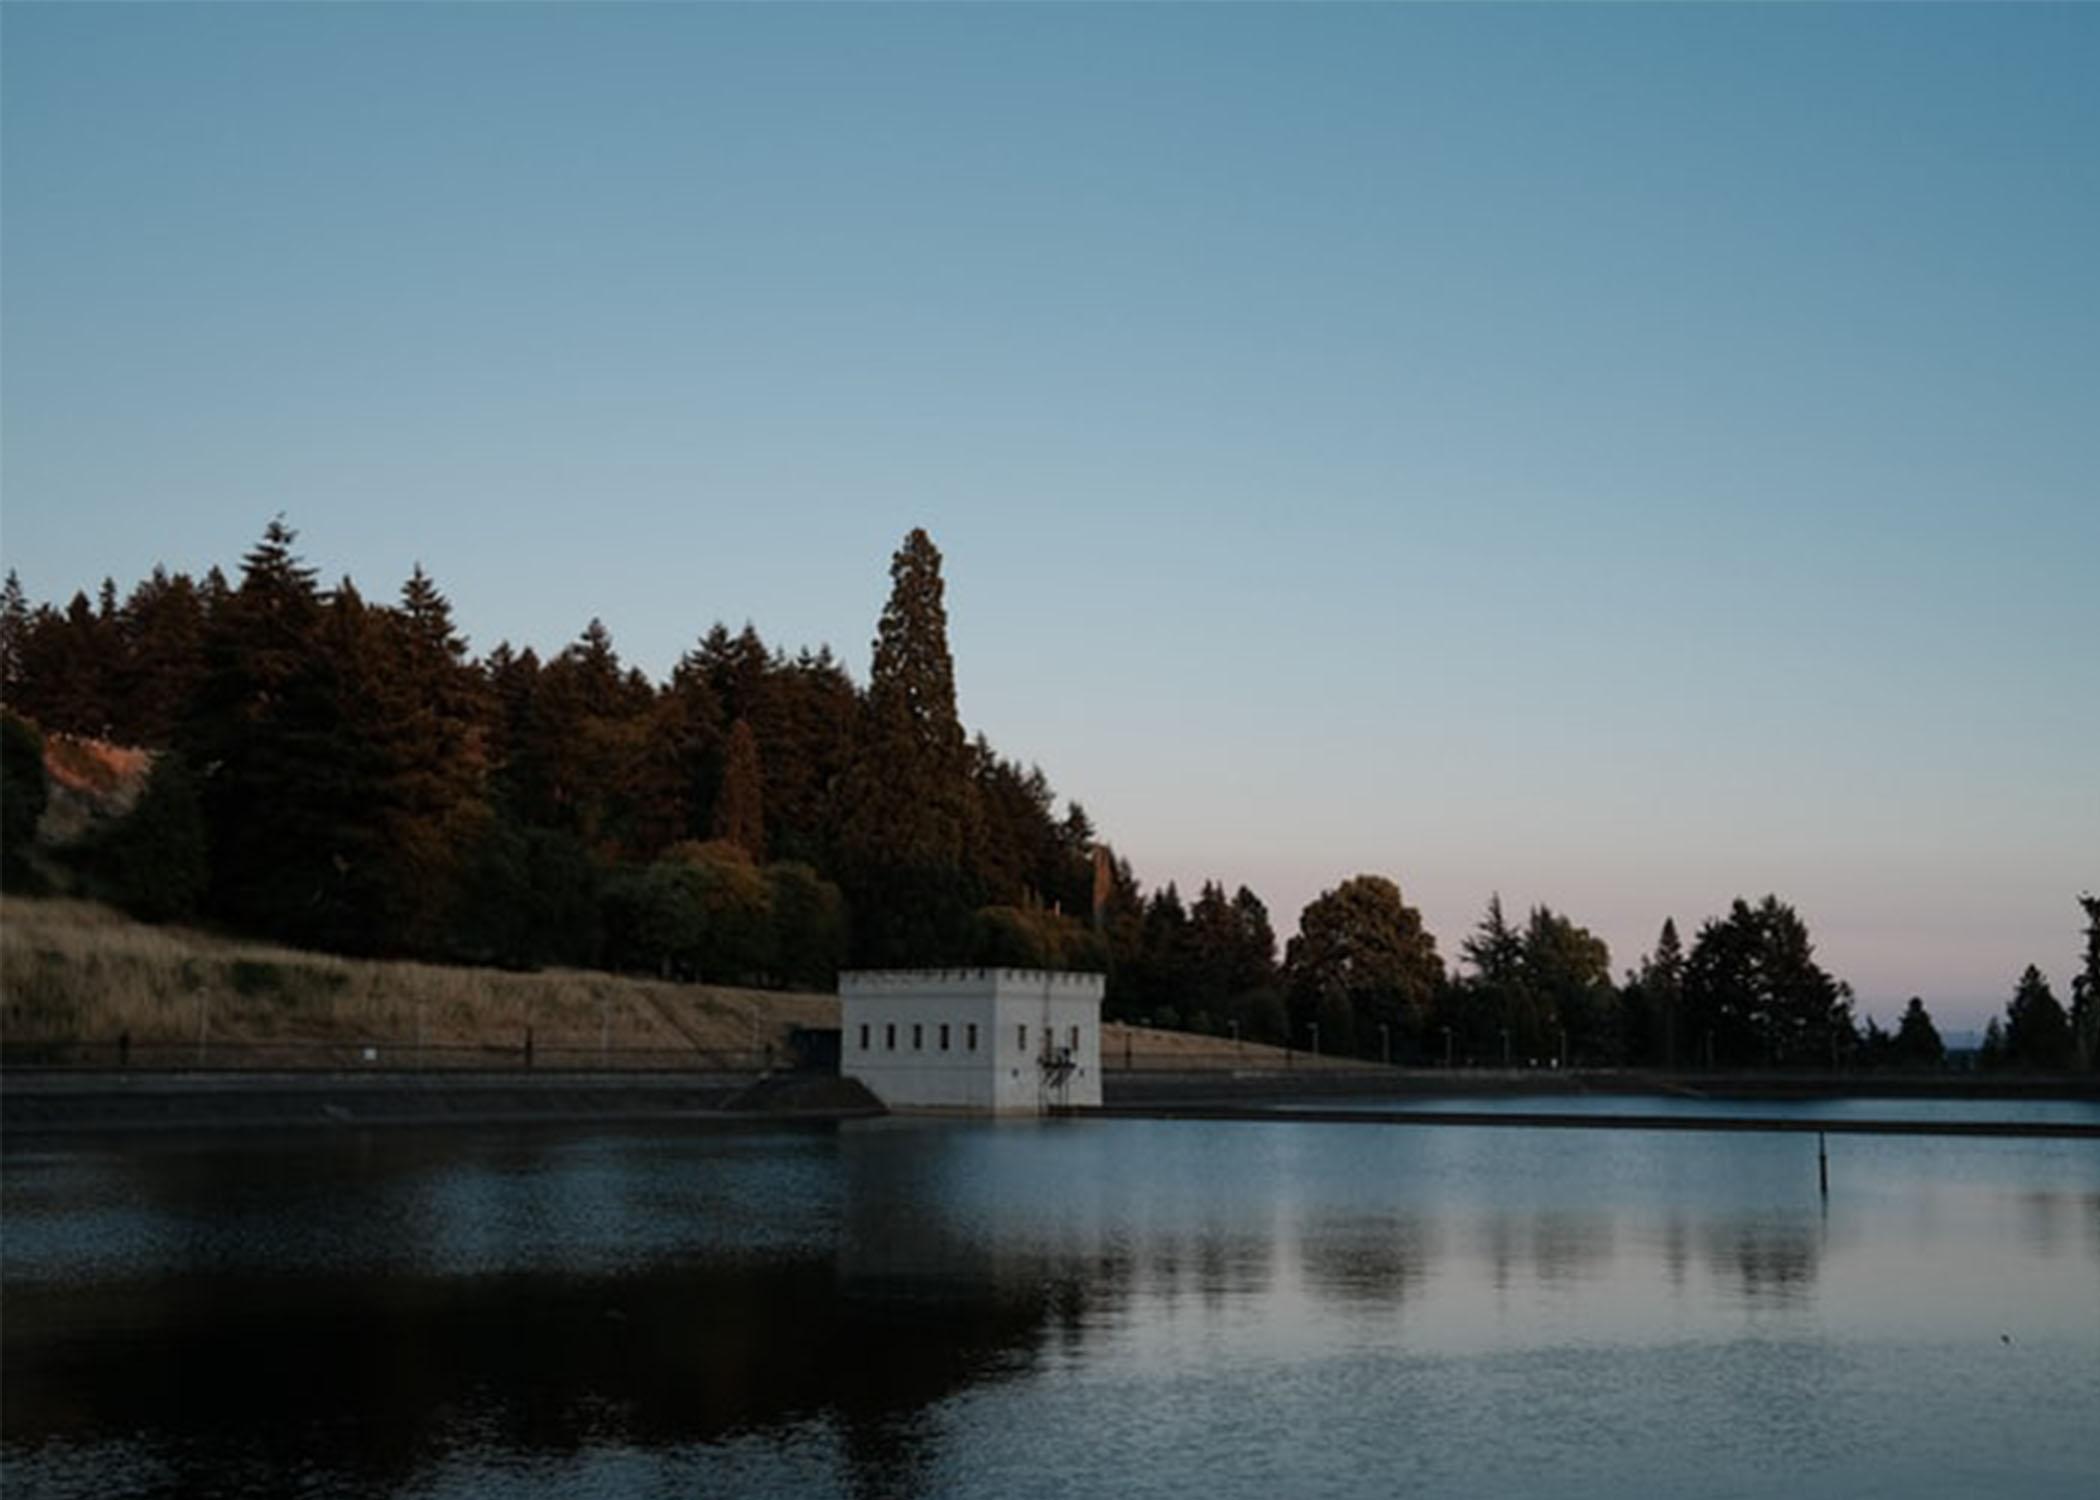 Reservoir at Mt. Tabor Park in Portland, Oregon.